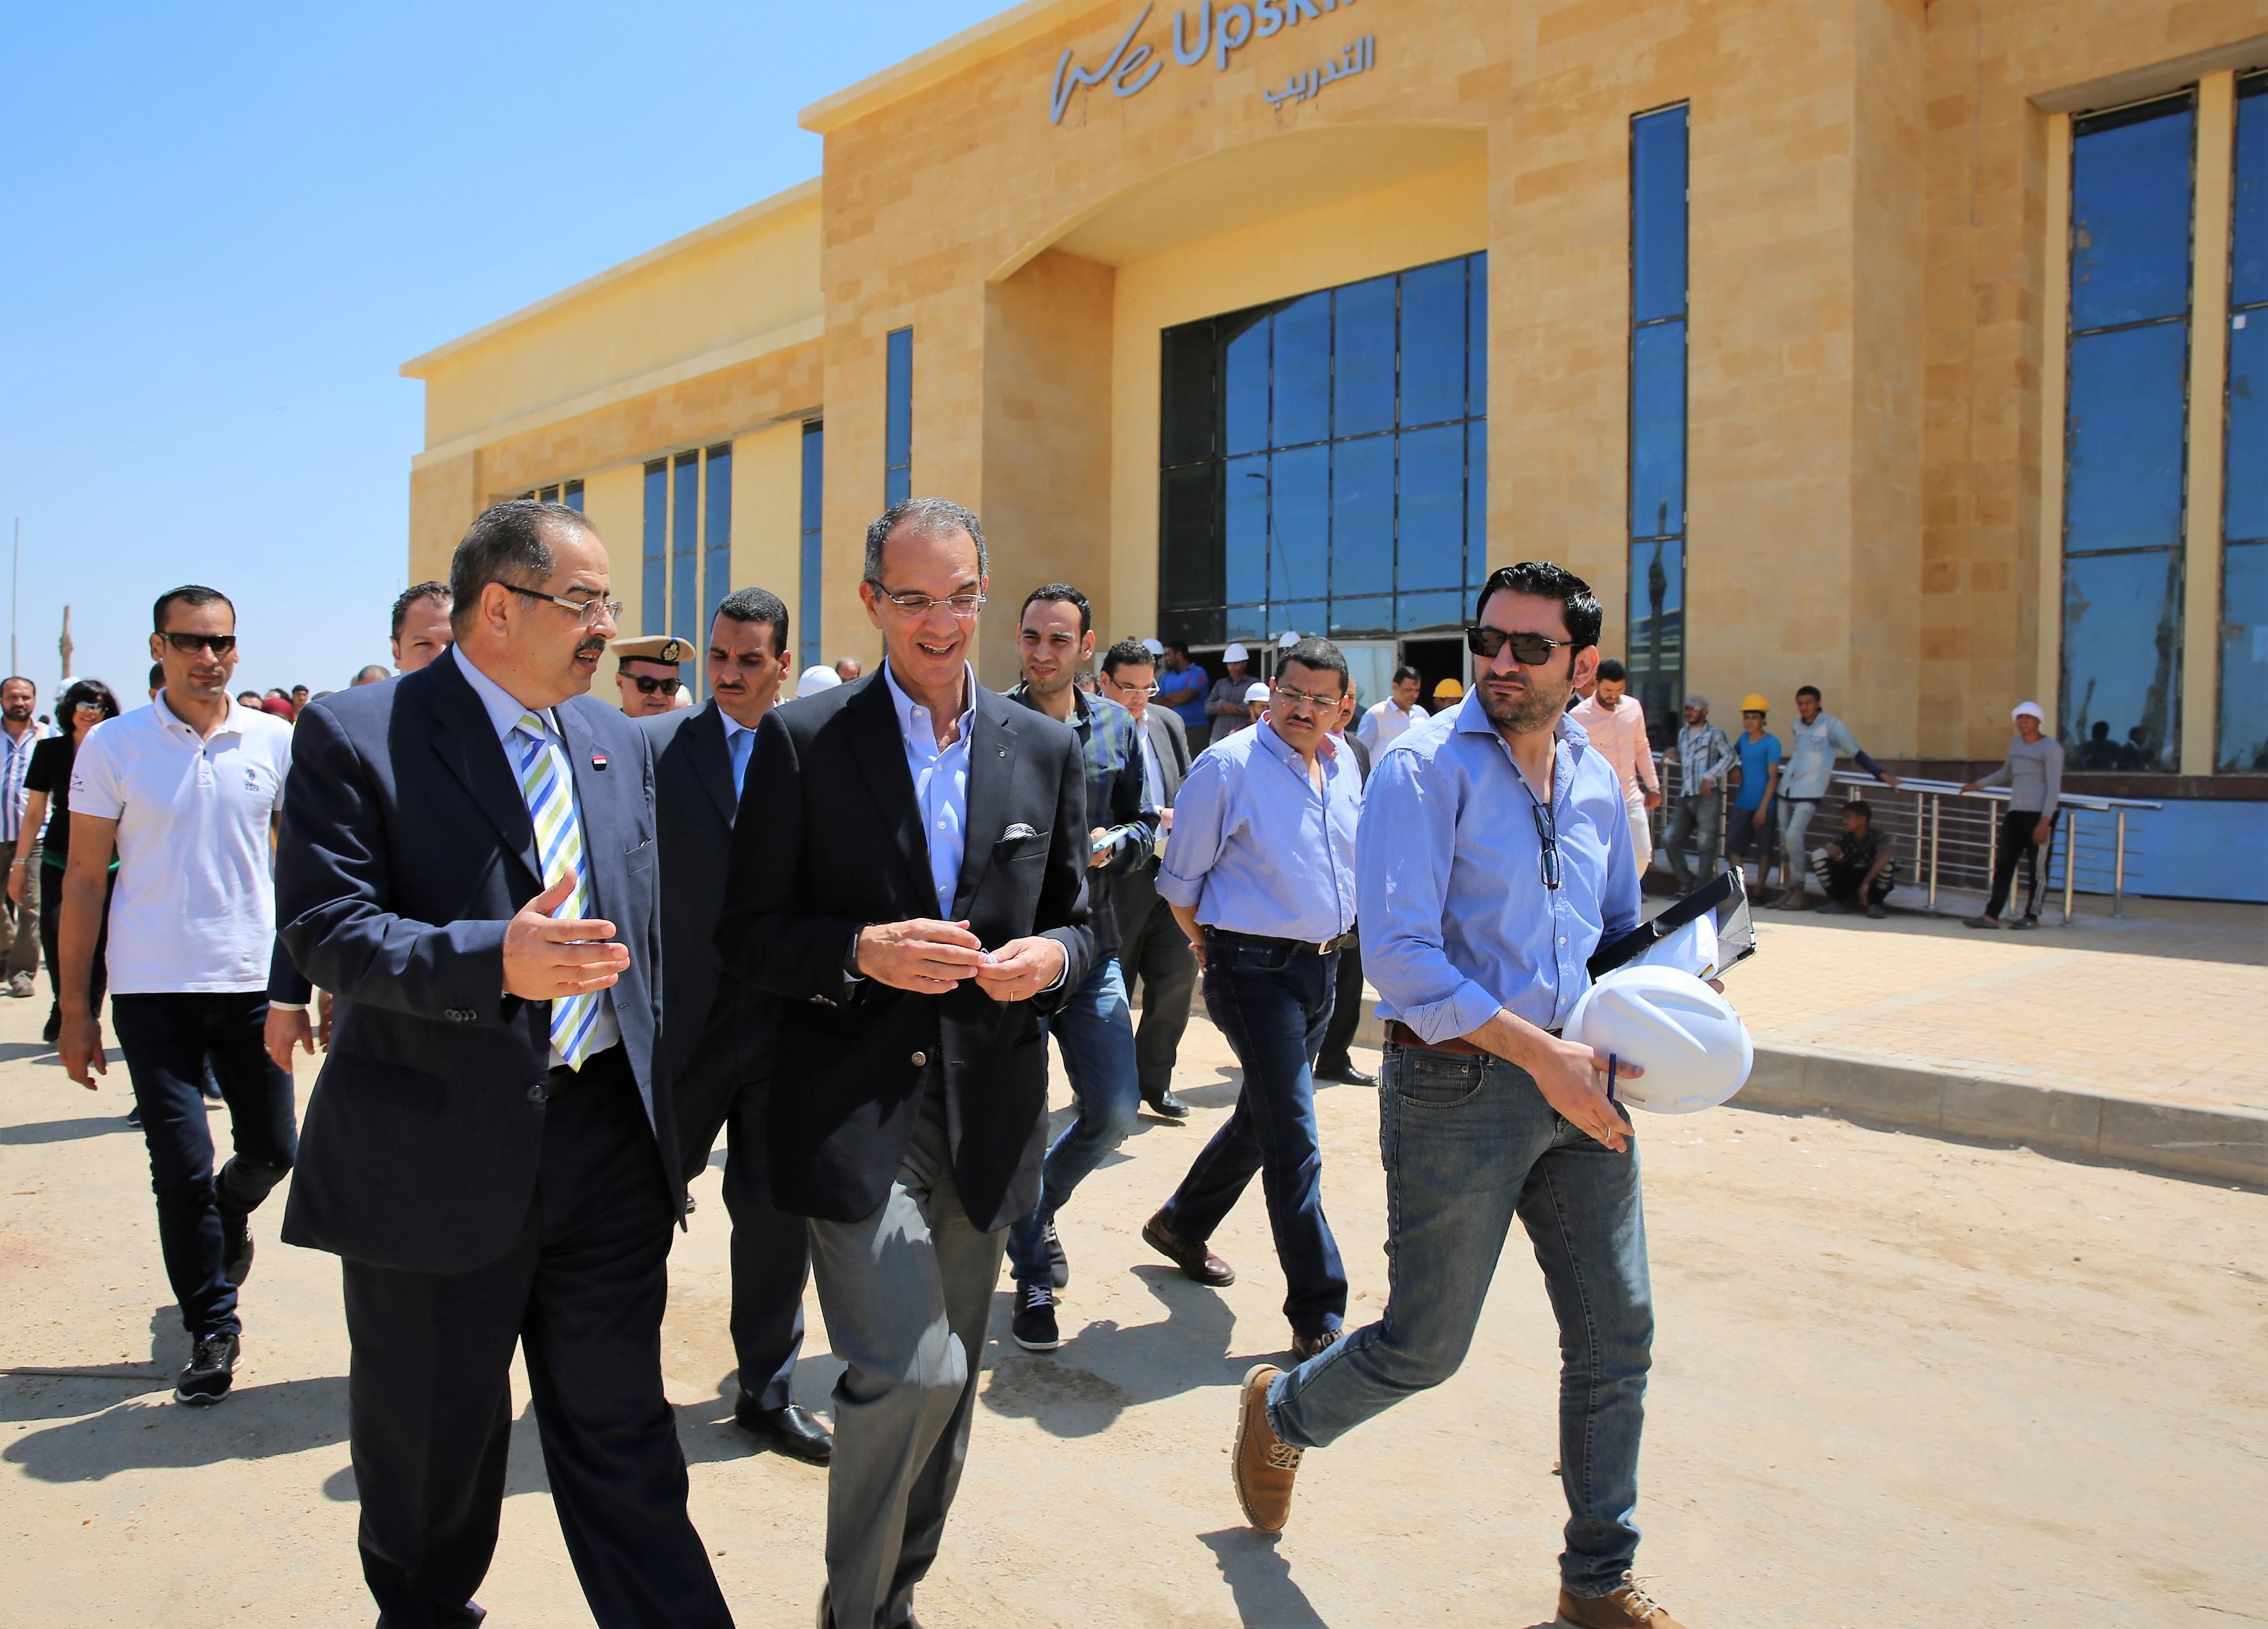 عمرو طلعت وزير الاتصالات خلال زيارته المنطقة التكنولوجية